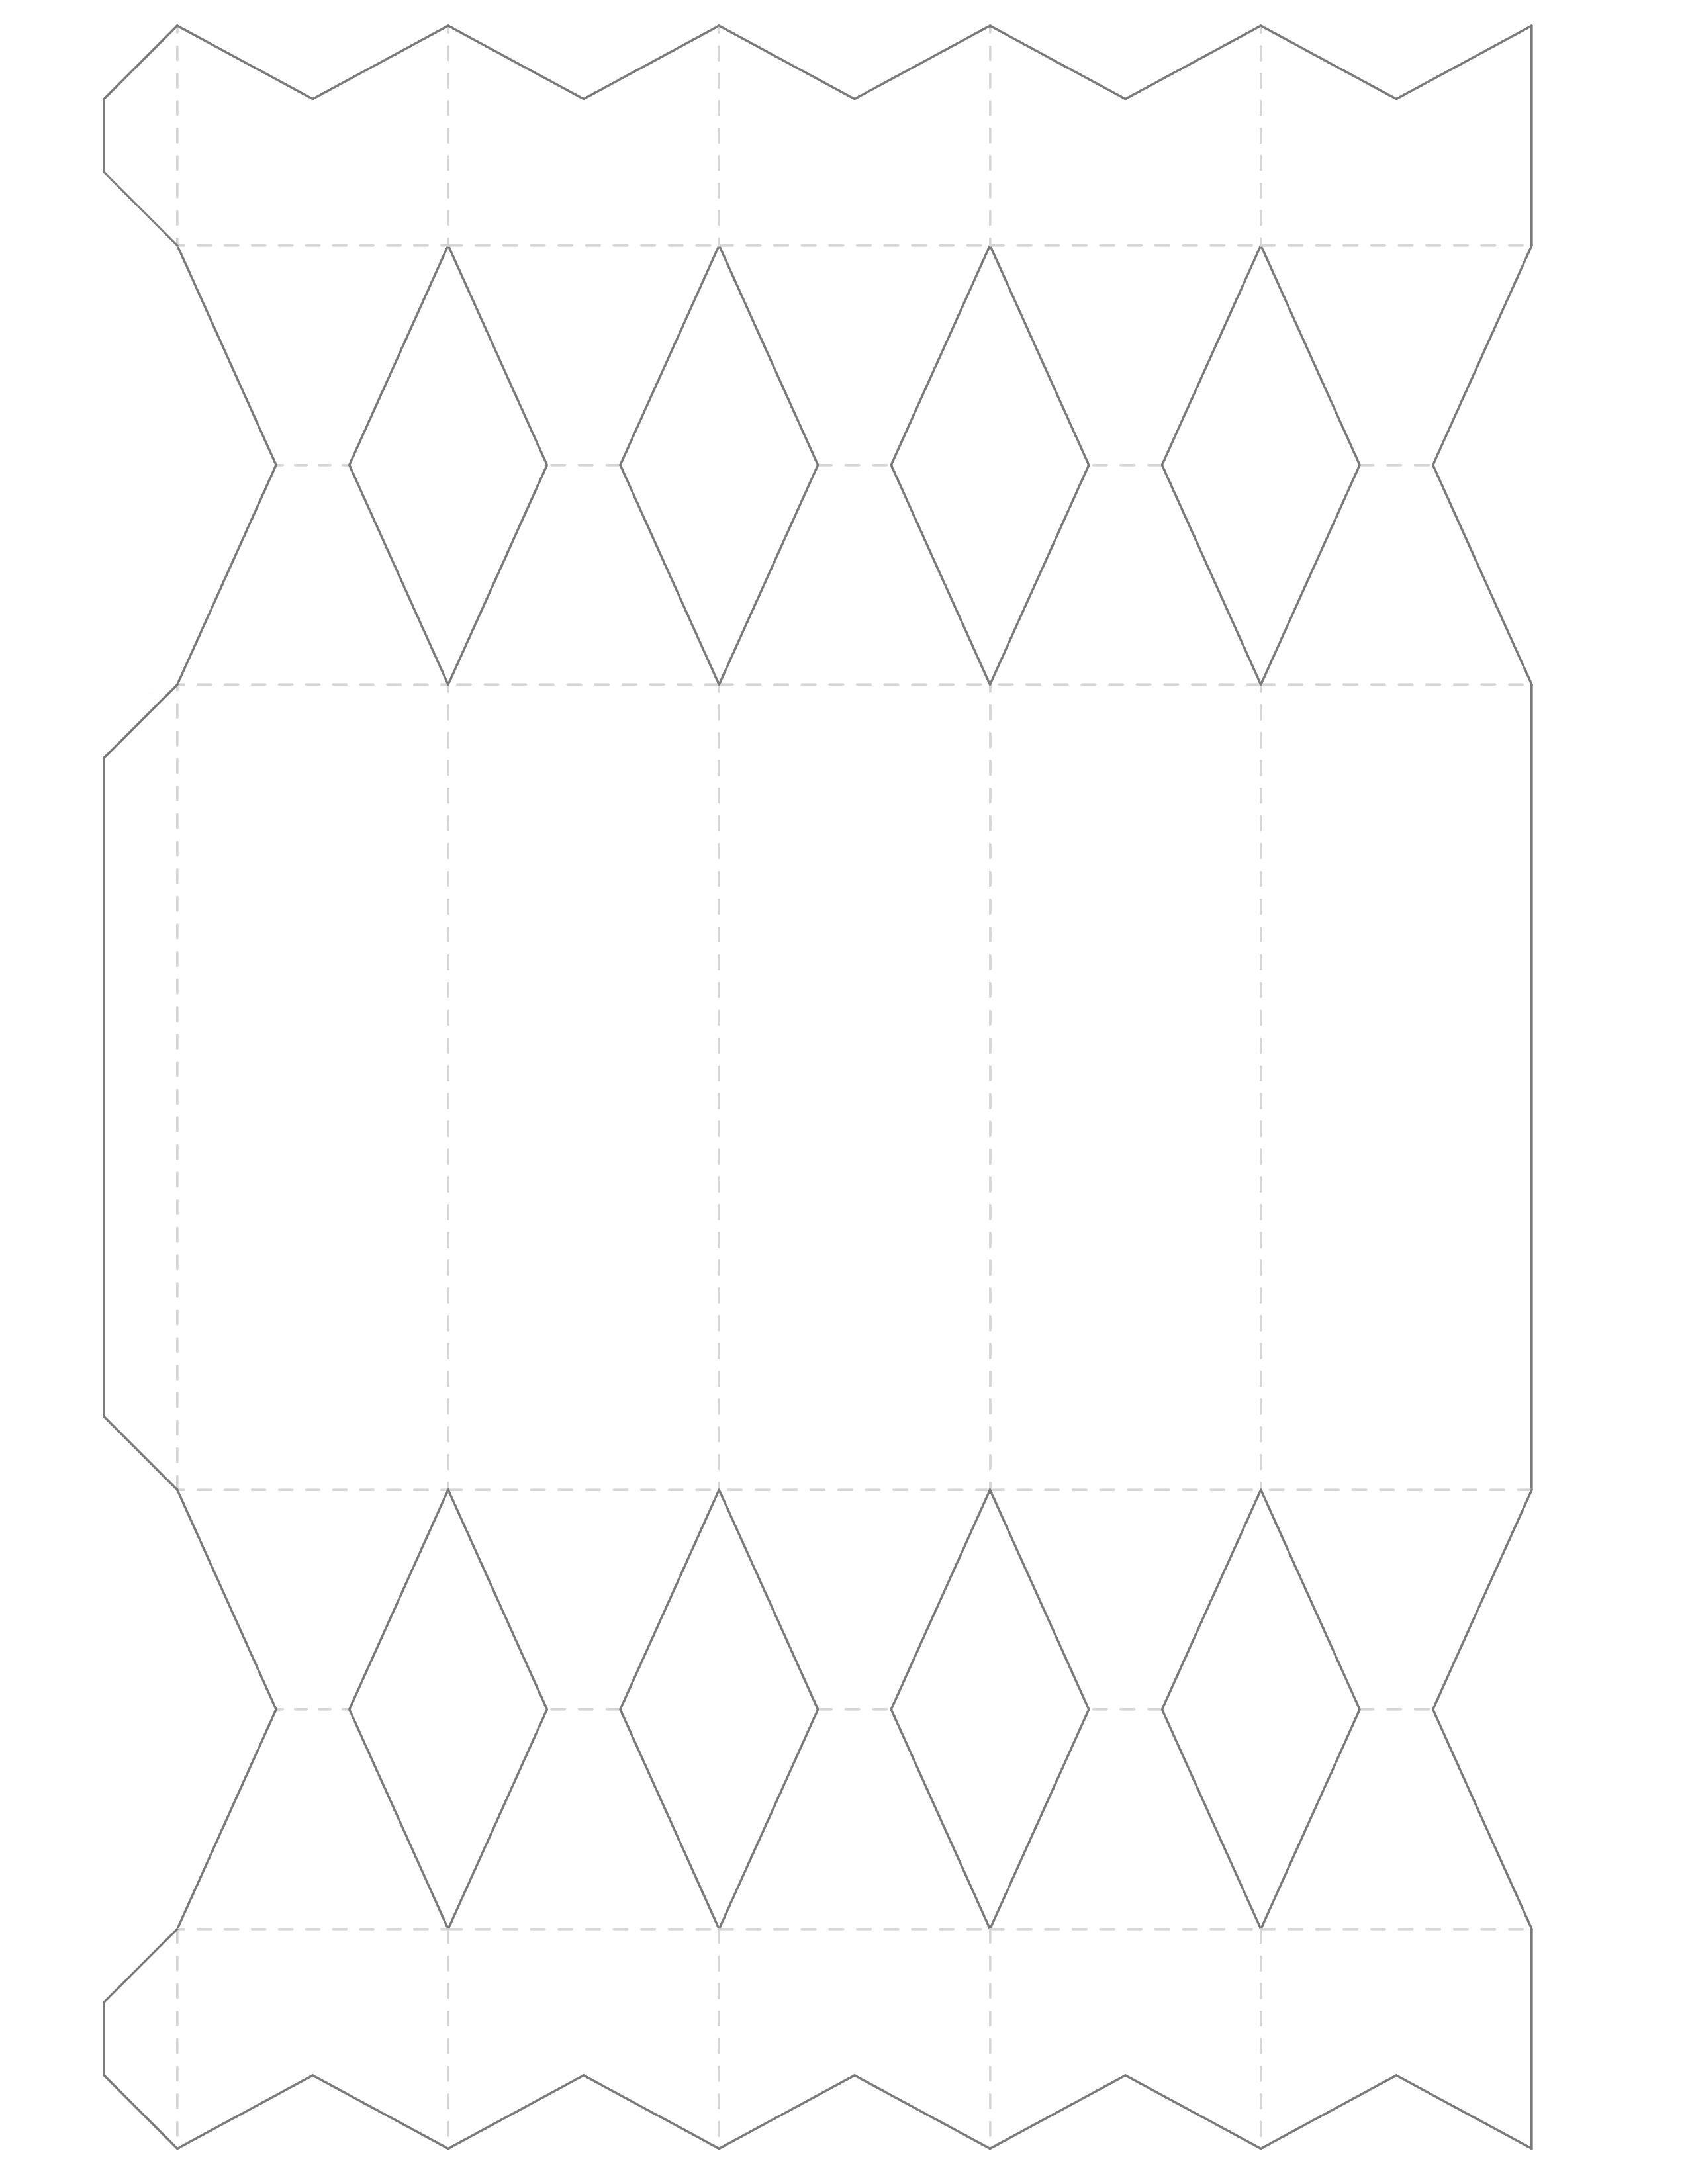 Конфеты из бумаги своими руками схемы 30